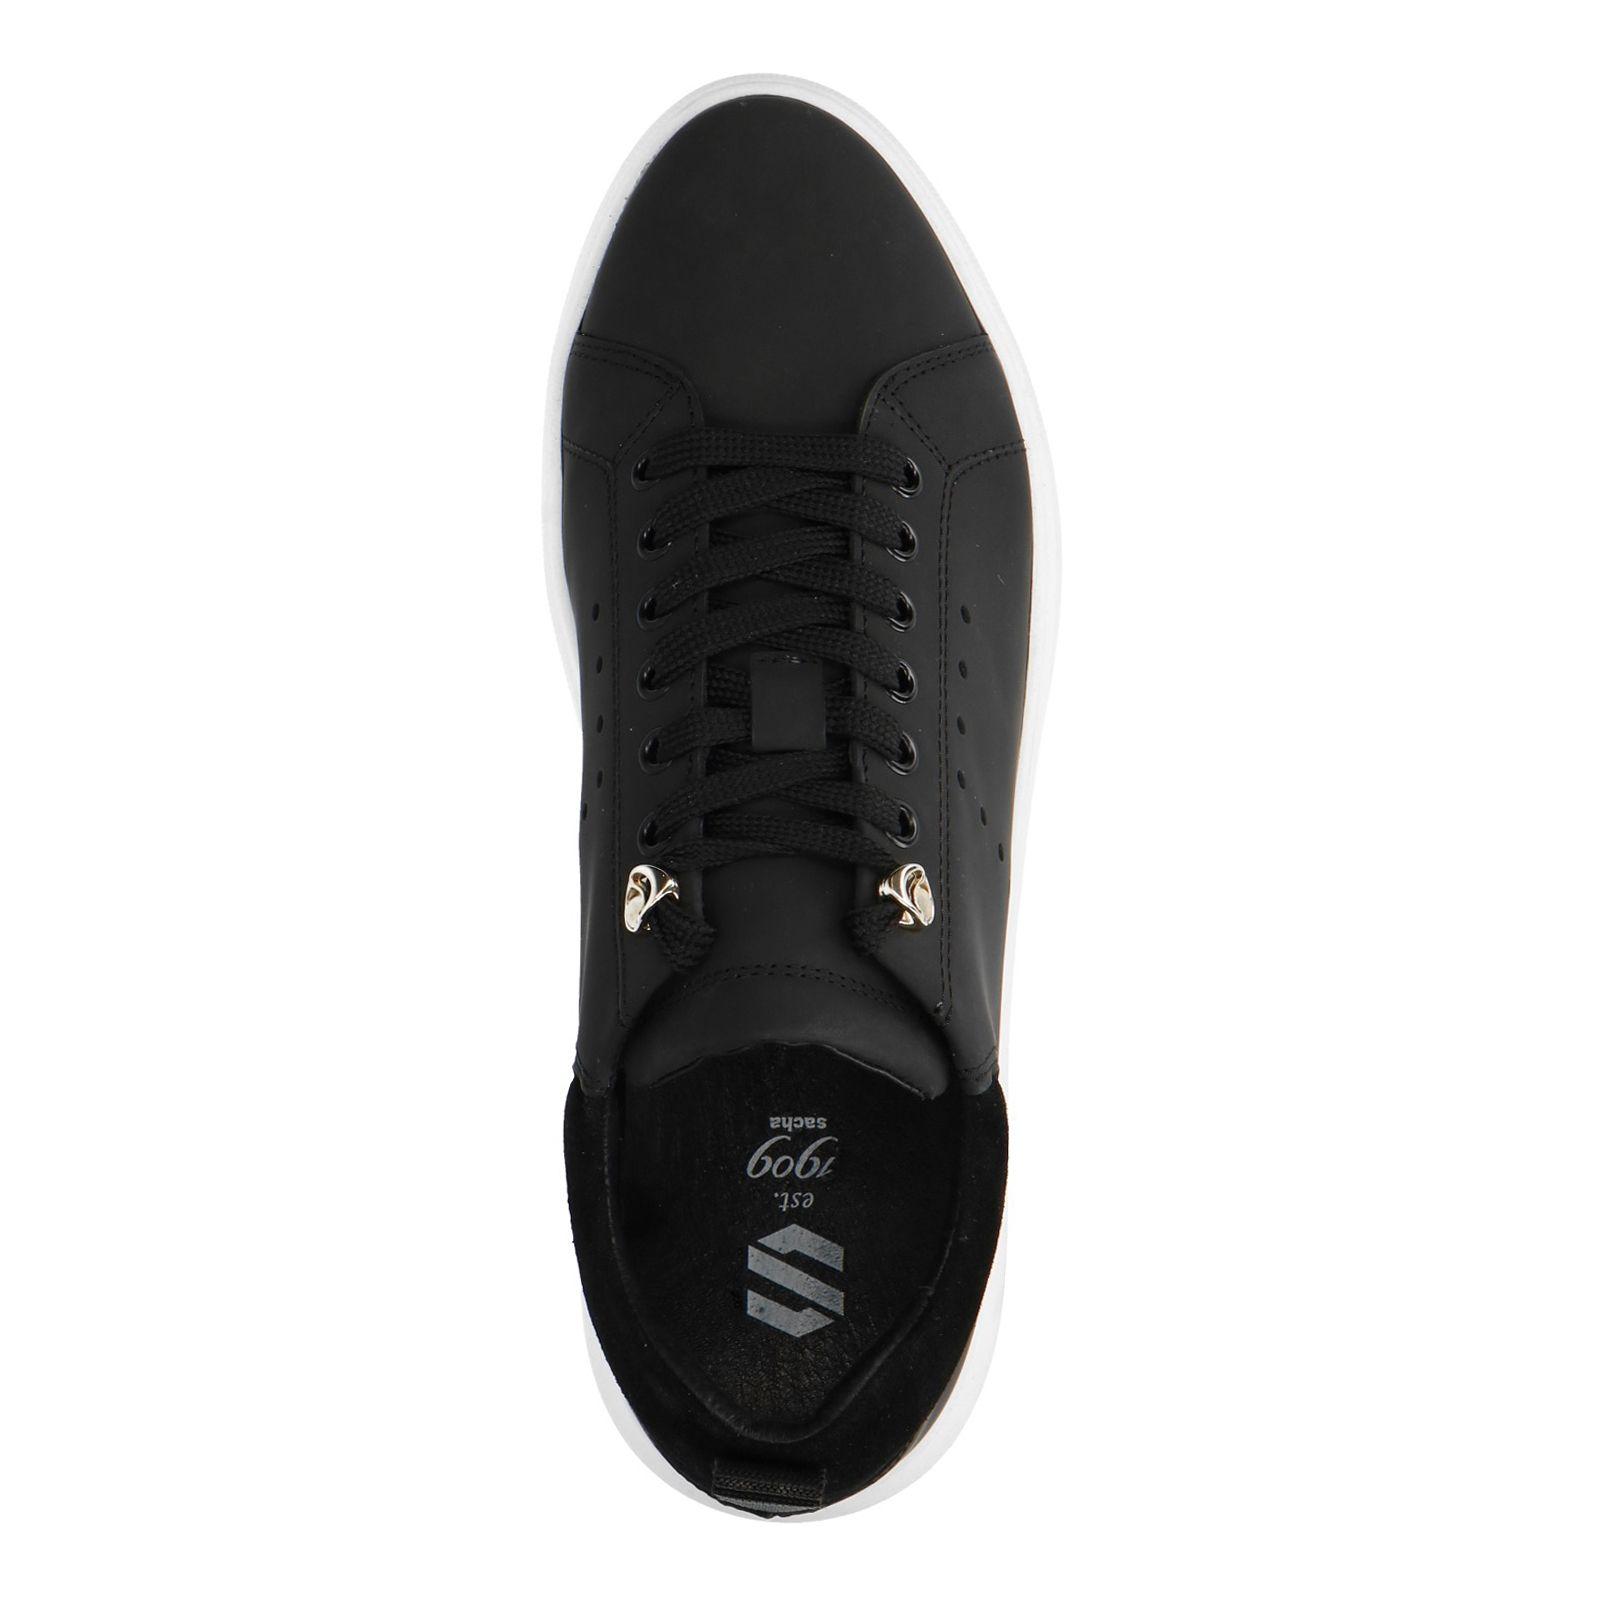 Sacha Schwarze Sneaker